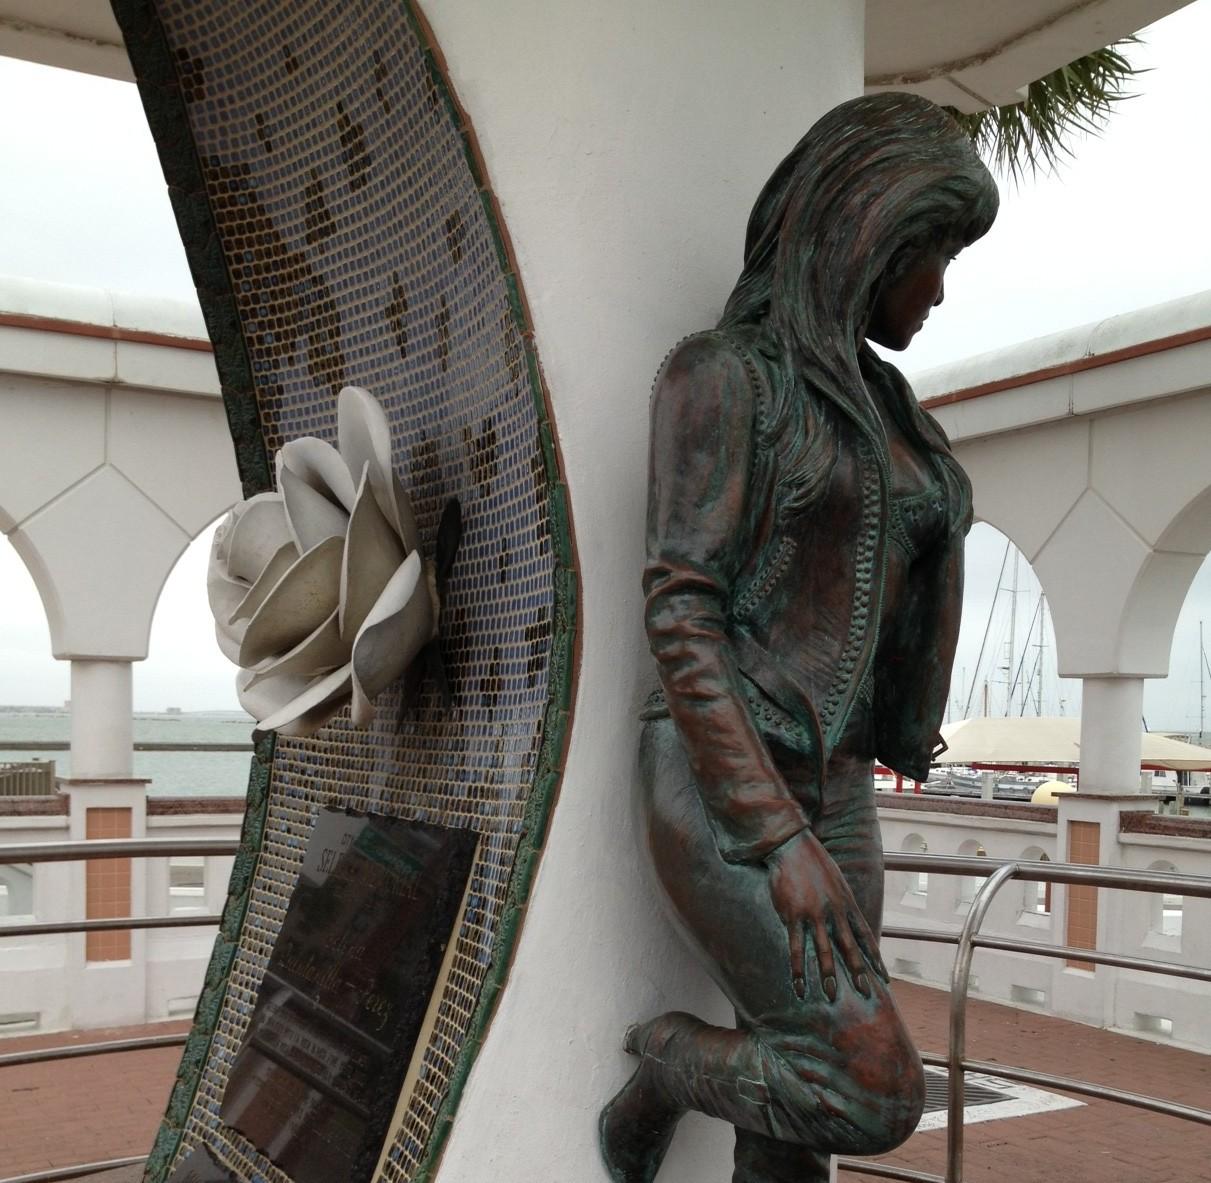 Selena Quintanilla's Memorial by misdinos0 on DeviantArt